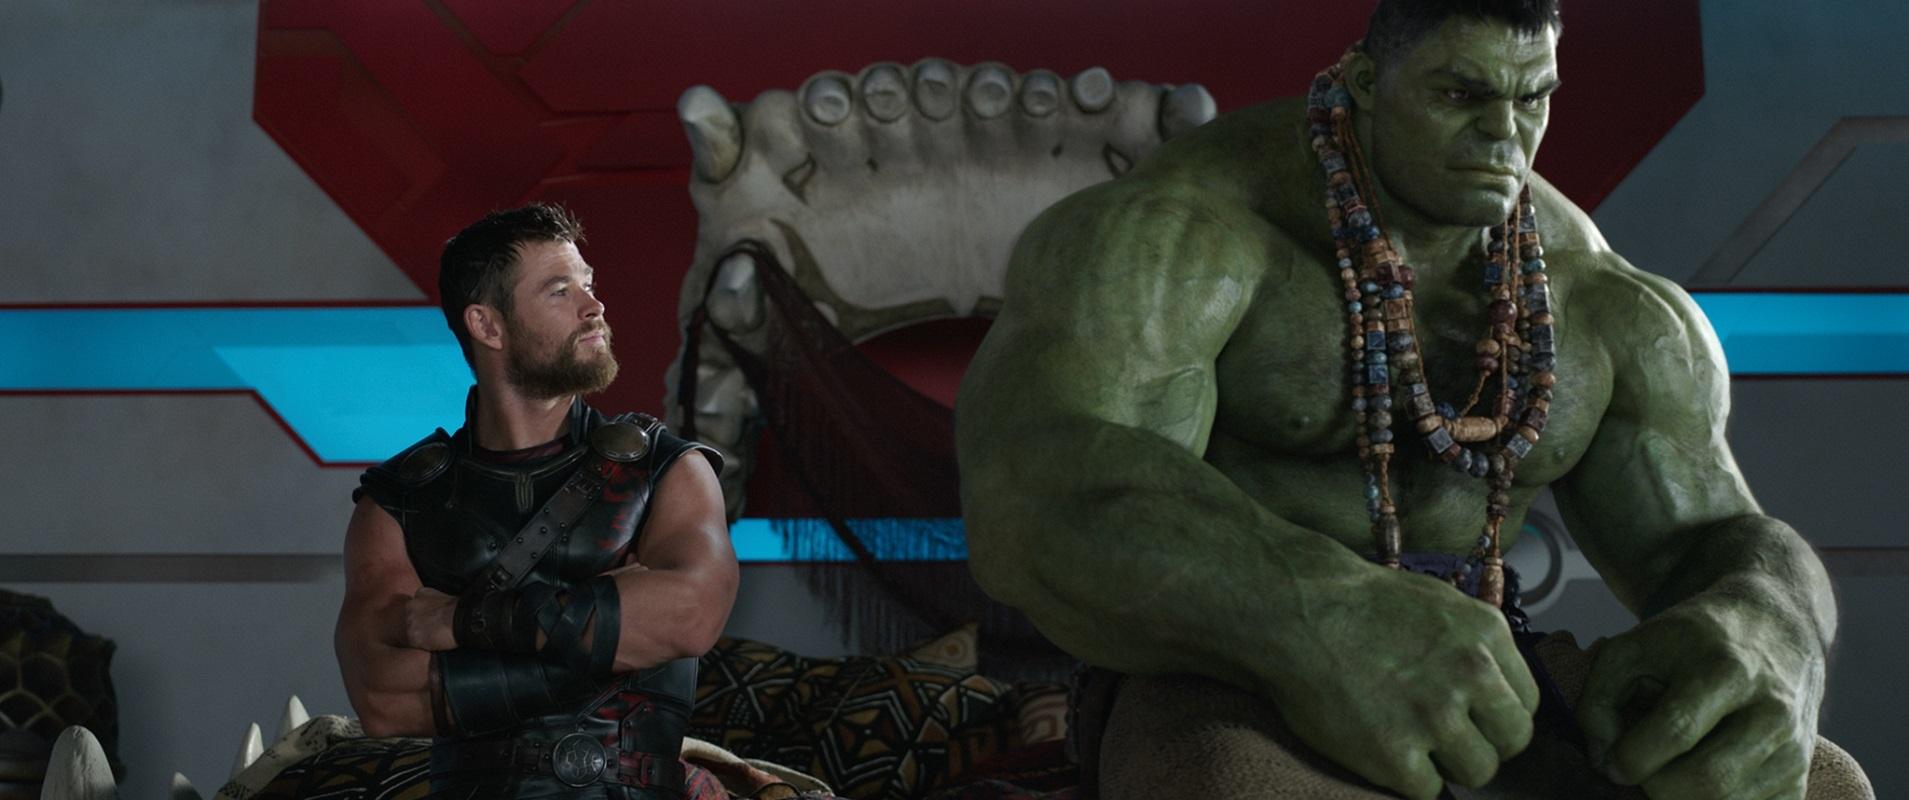 左から、クリス・ヘムズワース演じるソー、マーク・ラファロ演じるハルク (C)Marvel Studios 2017